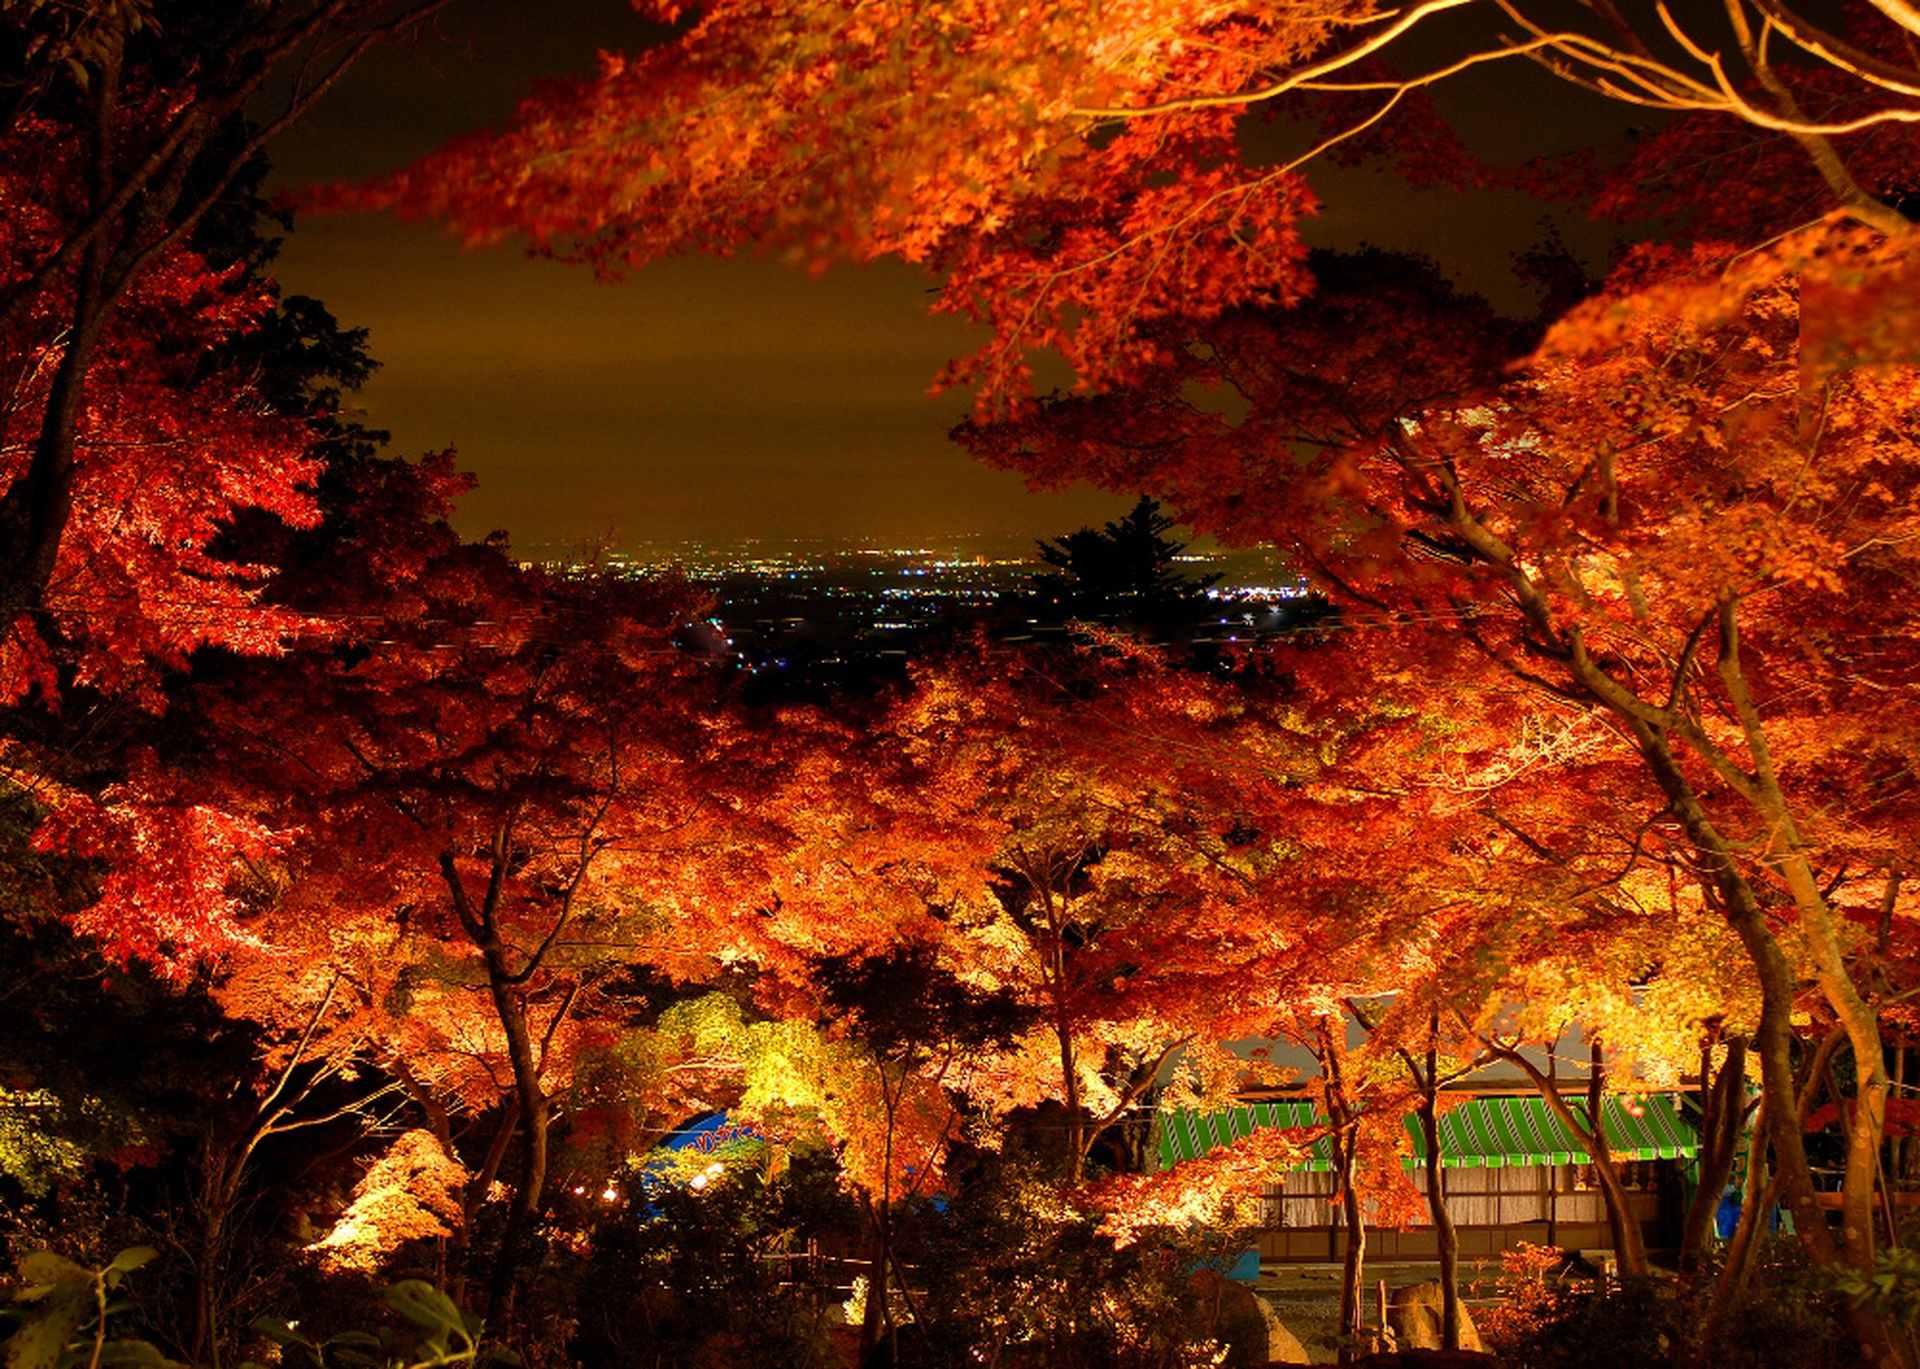 筑波山周辺の観光を楽しむには?パワースポット巡りやドライブにも!